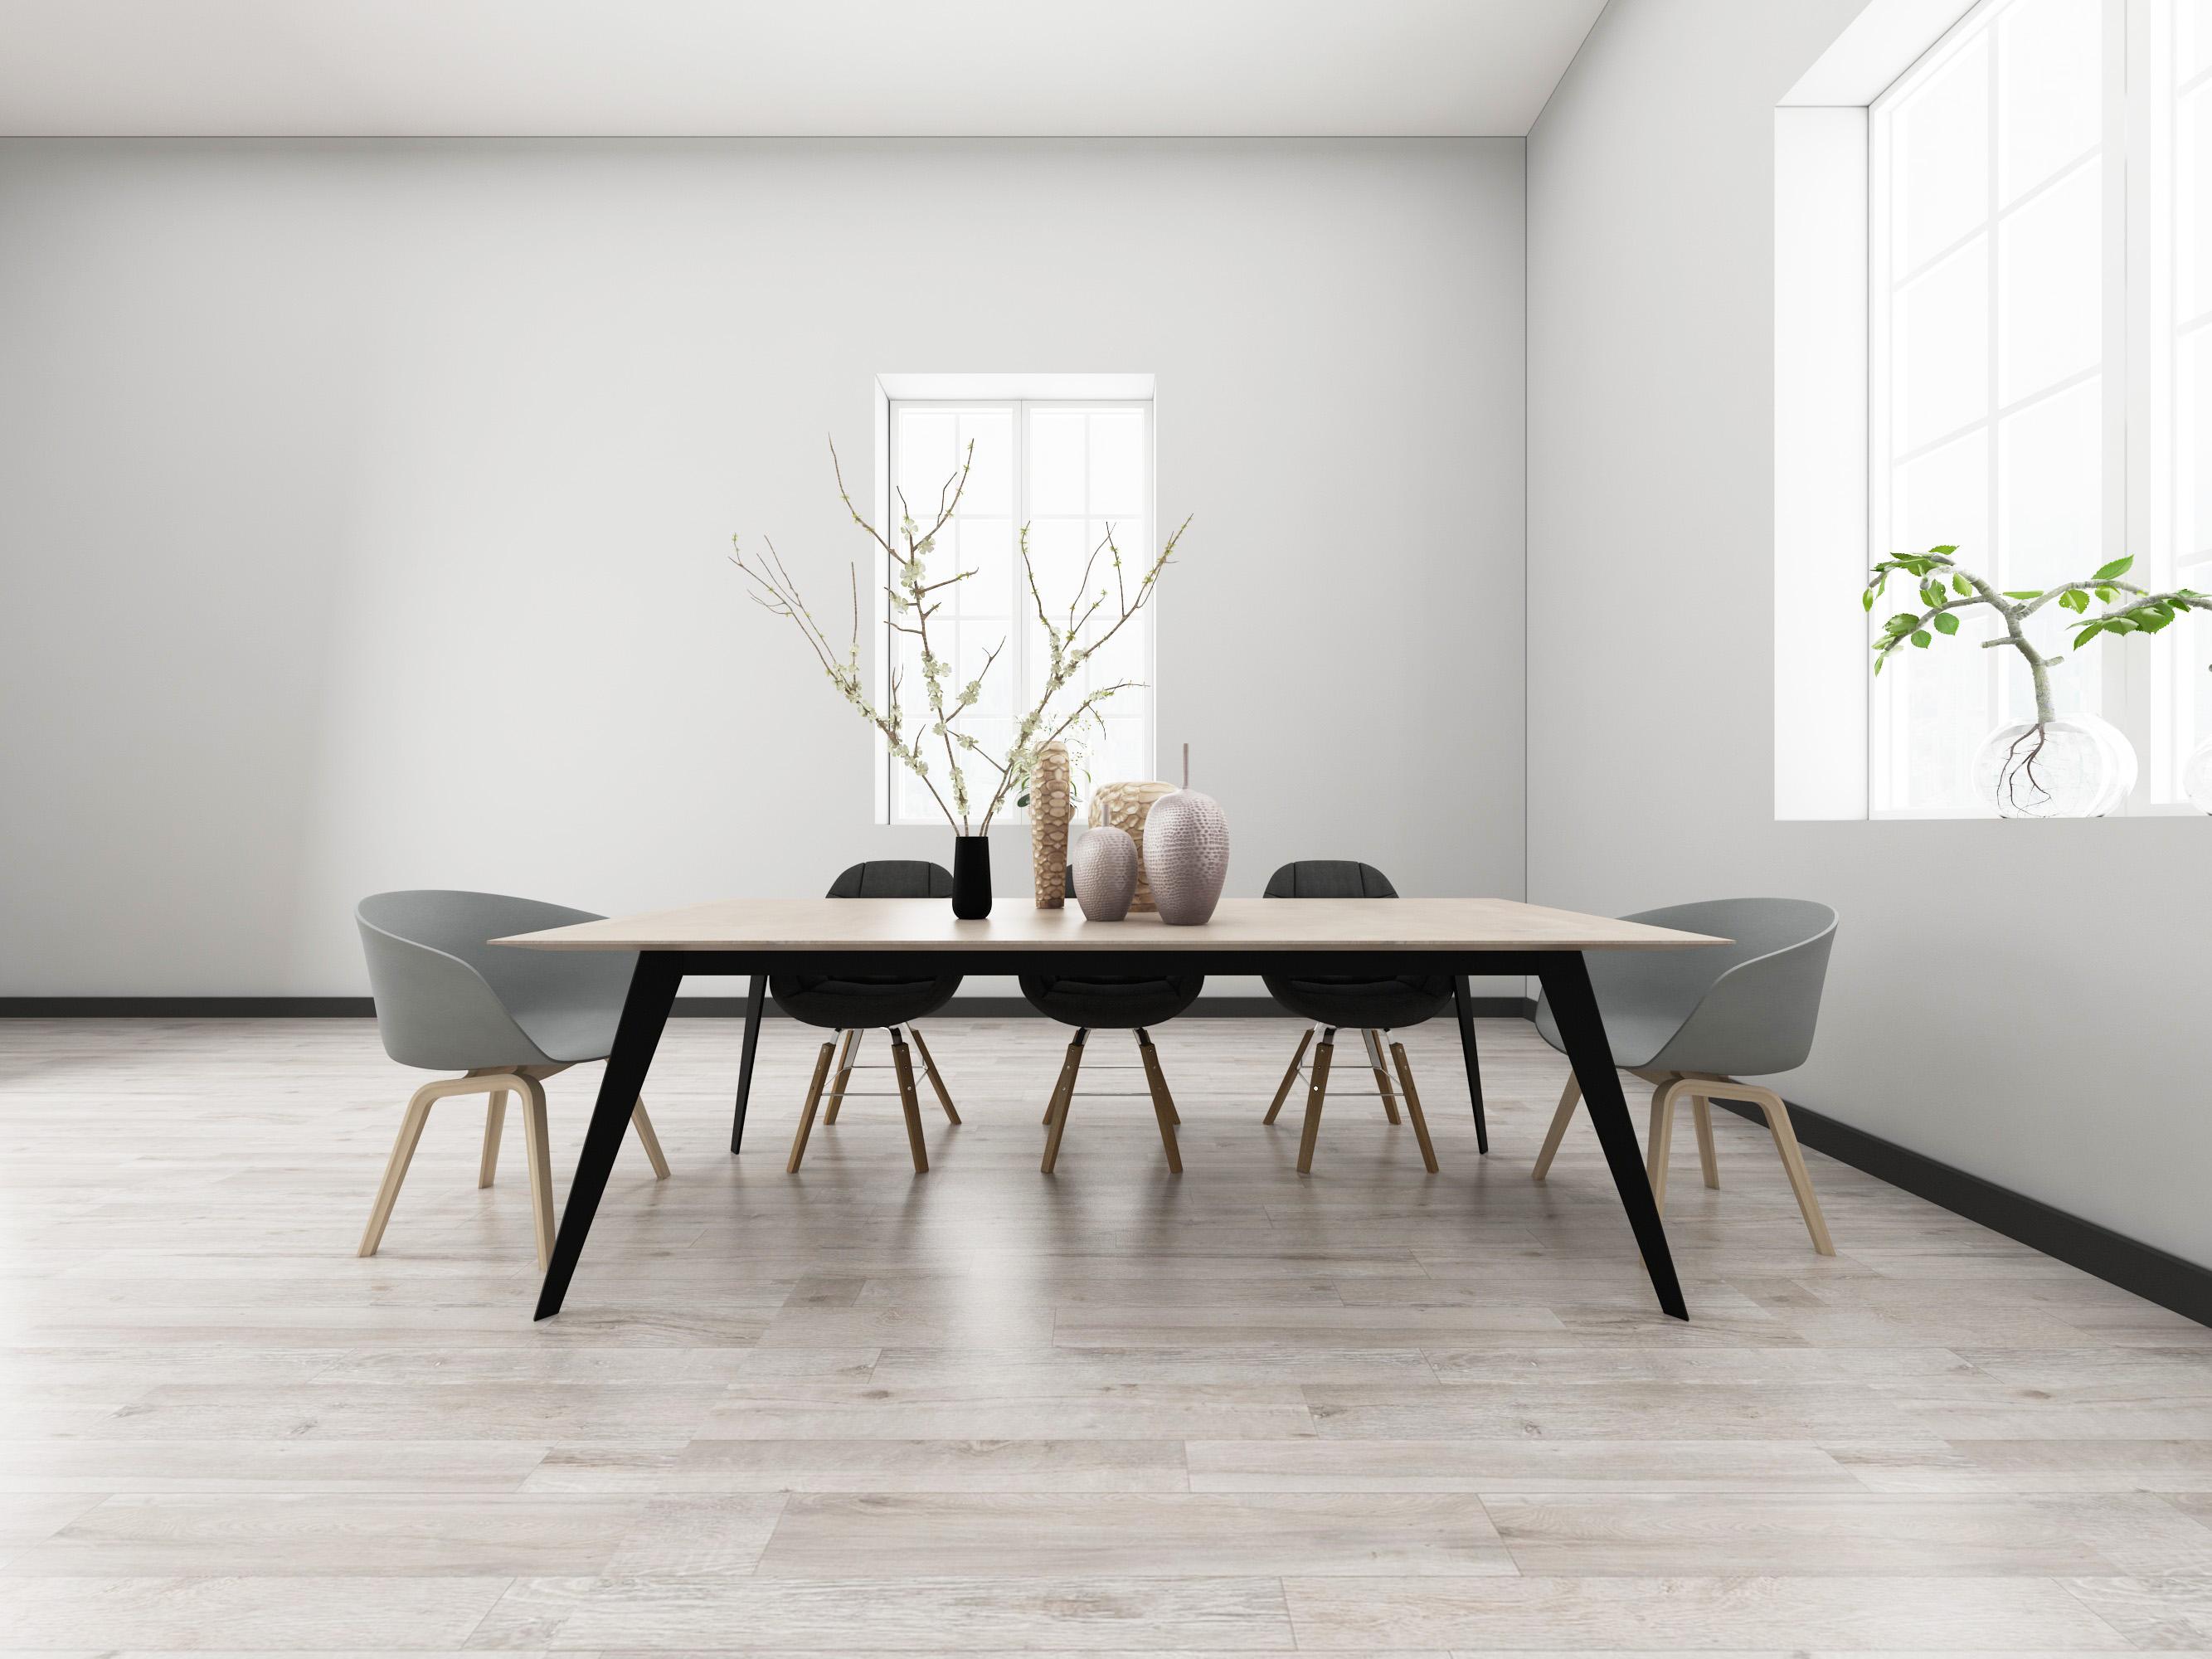 Top grade wood design light grey 8mm wear resistant baby sleep click spc plastic flooring for indoor N2701_4